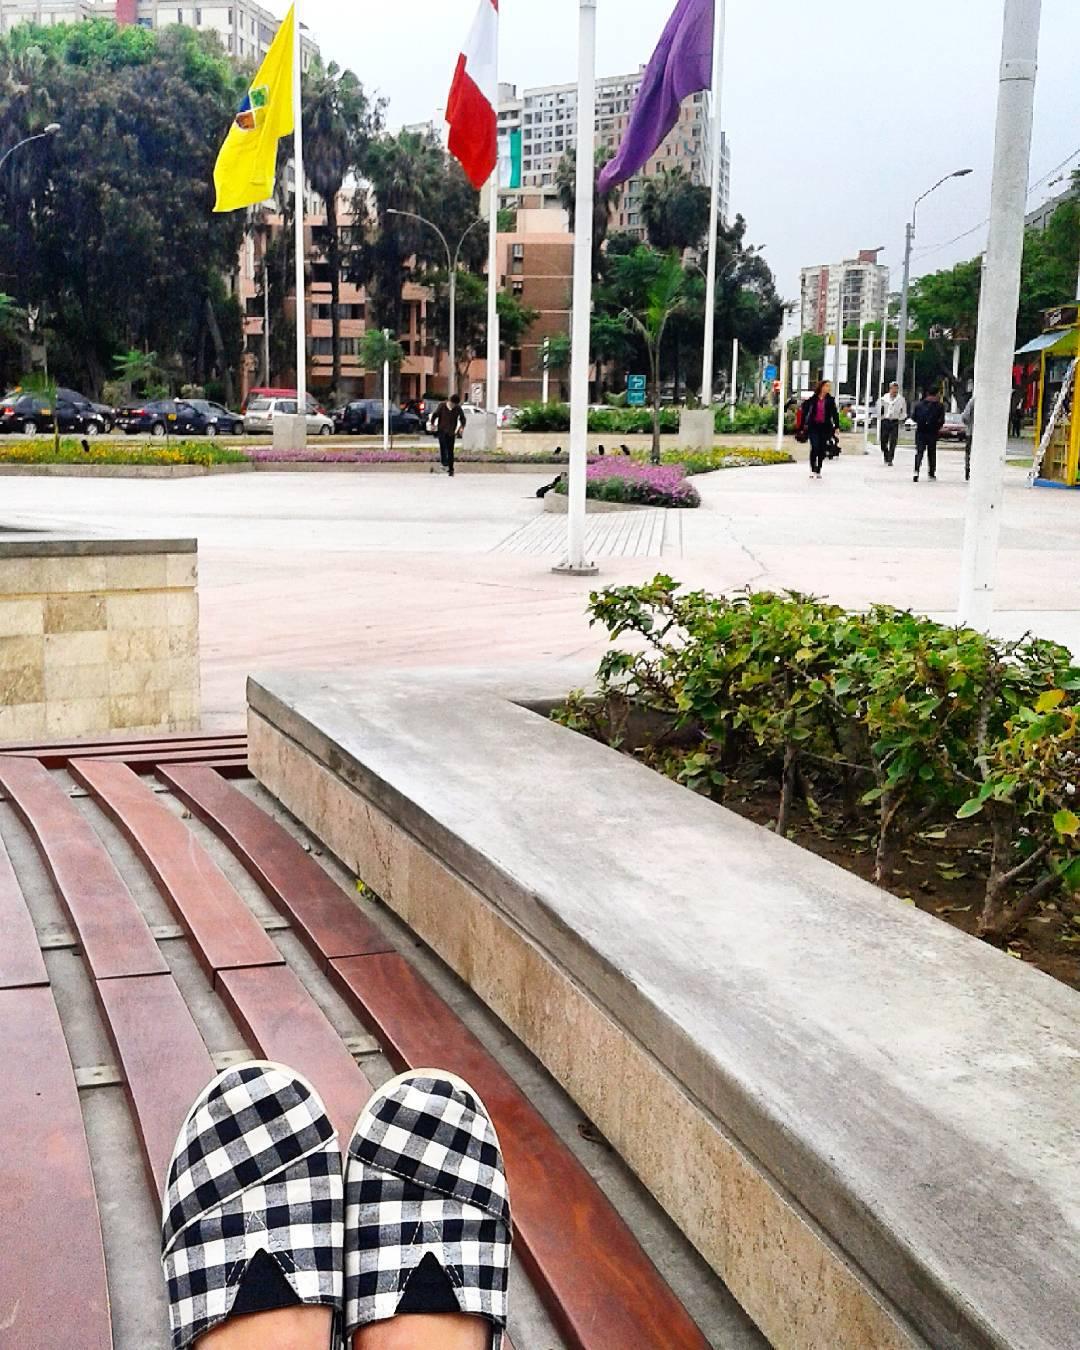 Bienvenido Perú #Lima #Perú #Arequipa #losolivos #sanisidro #Miraflores #Jesusmaria #Asia #shoes #